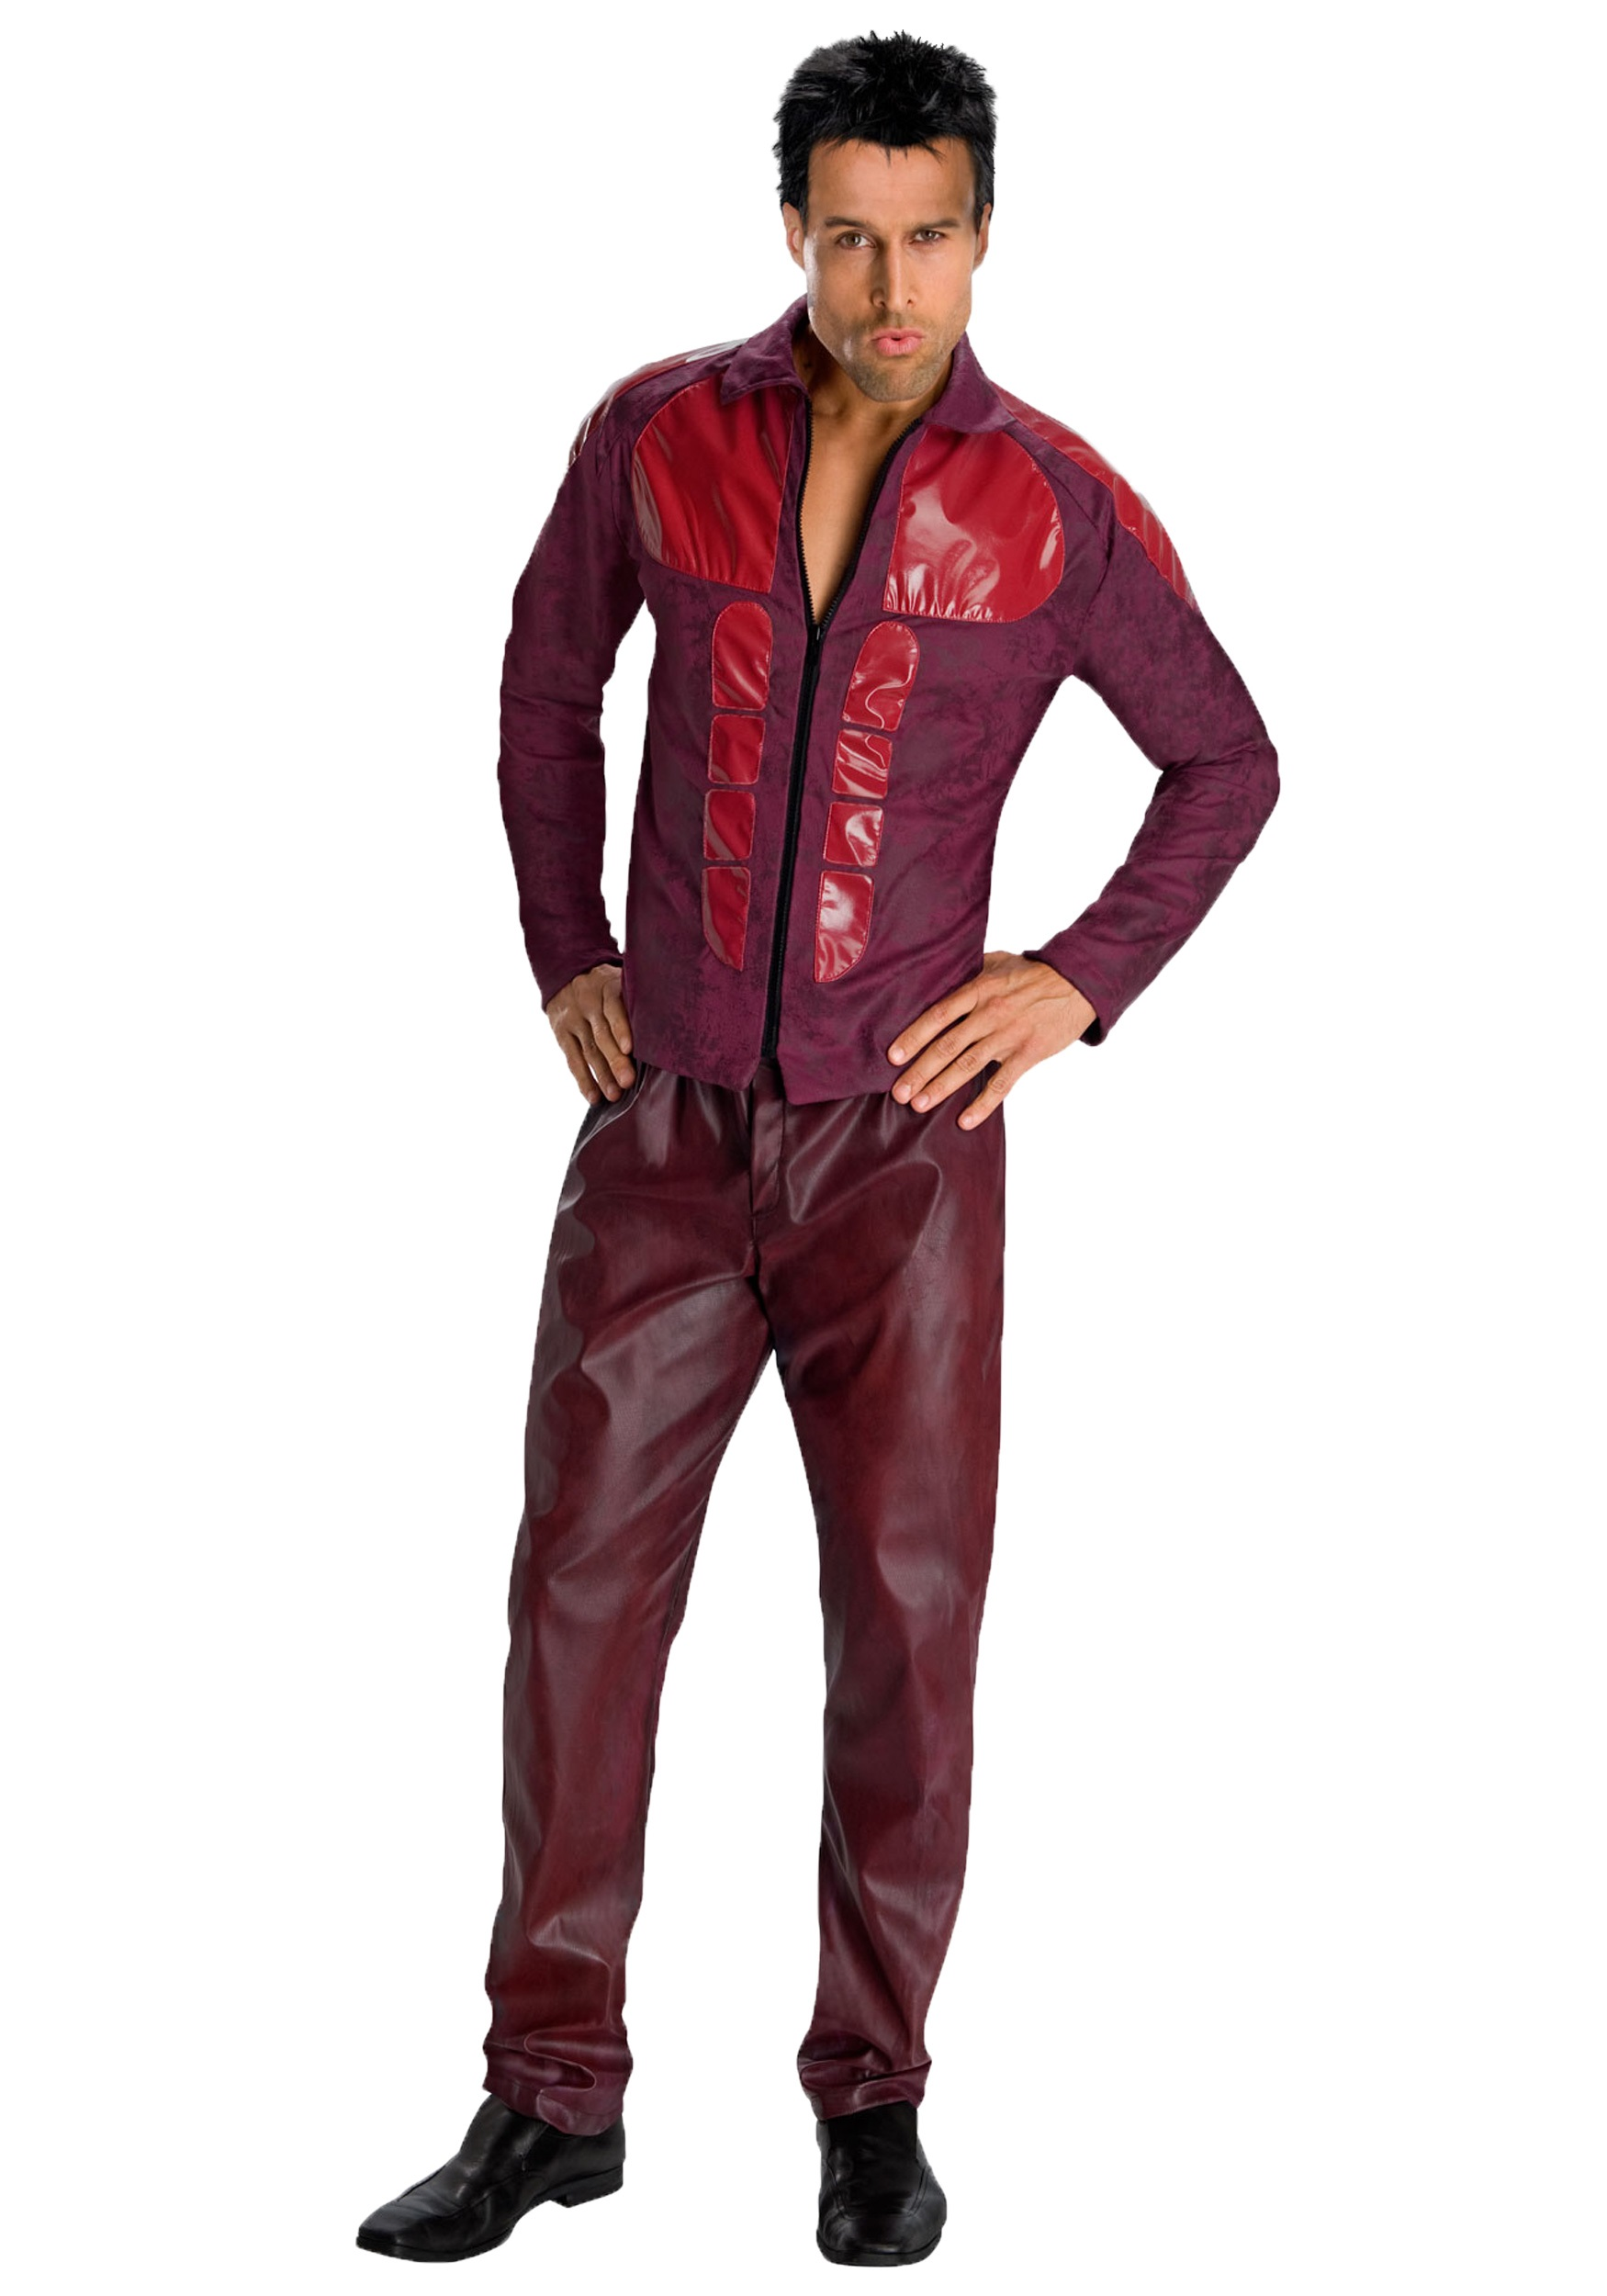 Derek Zoolander Costume  sc 1 st  Halloween Costumes & Derek Zoolander Costume - Mens Zoolander Costumes